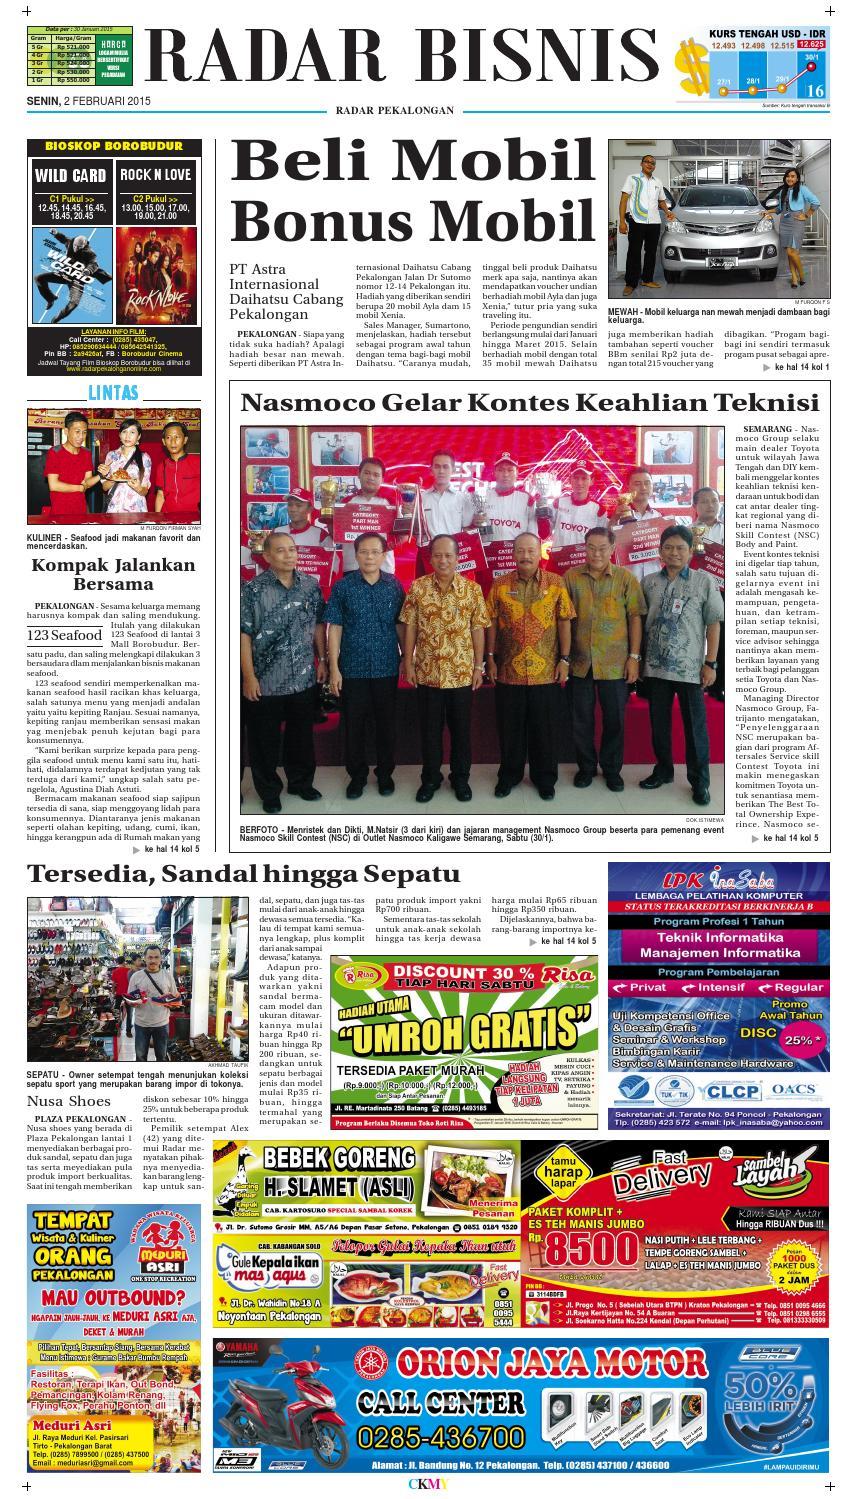 Jadwal Cinema Borobudur Pekalongan : jadwal, cinema, borobudur, pekalongan, Radar, Pekalongan, Februari, Issuu